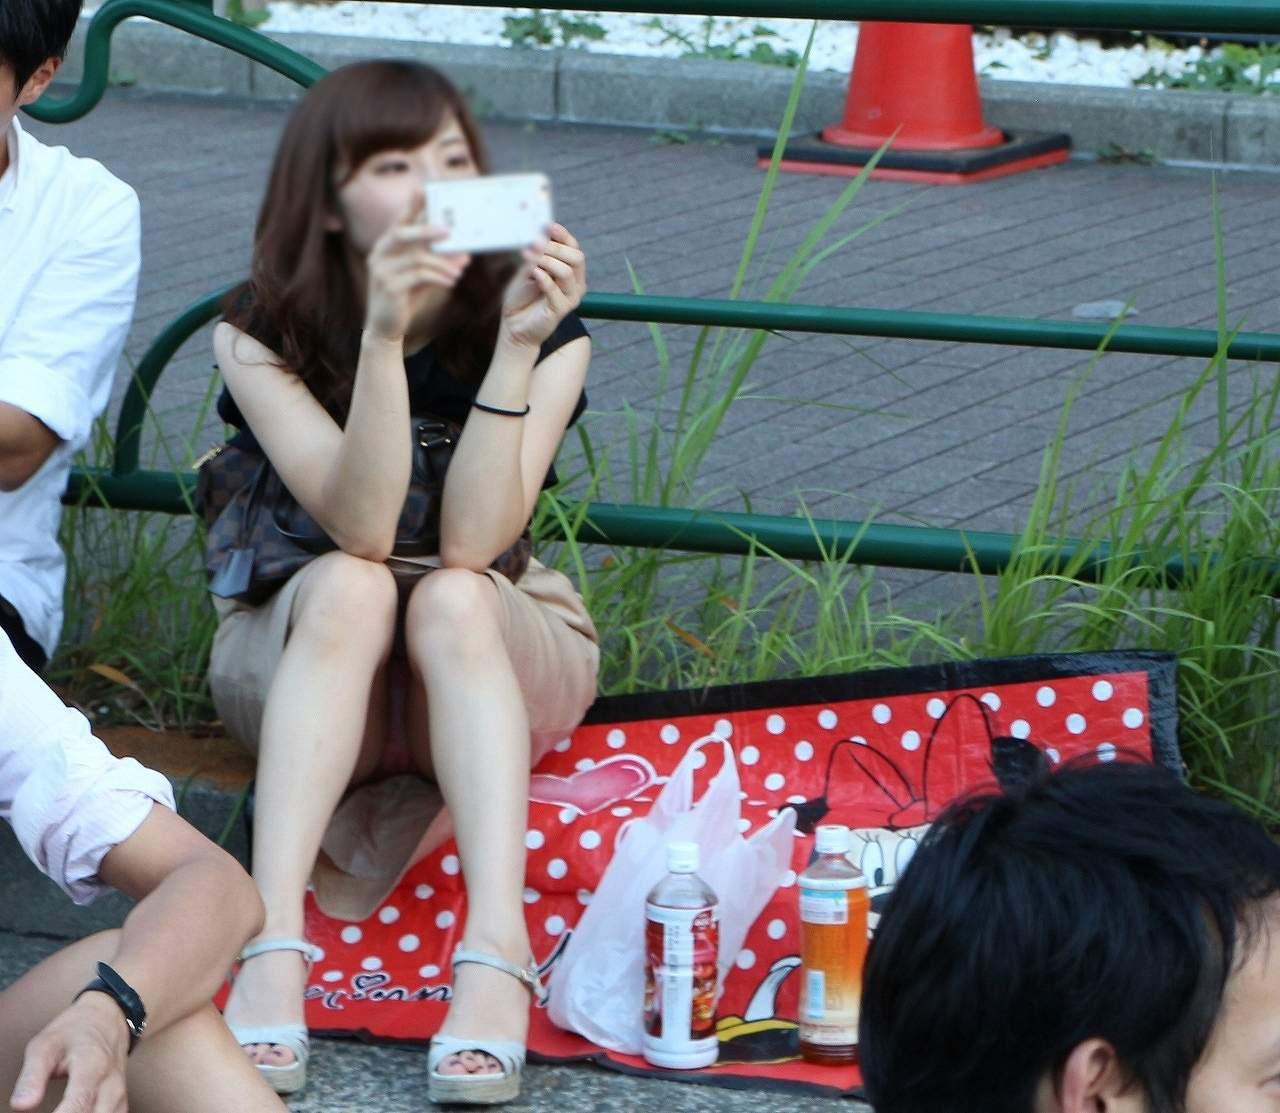 スマホで写真を撮ってる女性のパンツが丸見え!